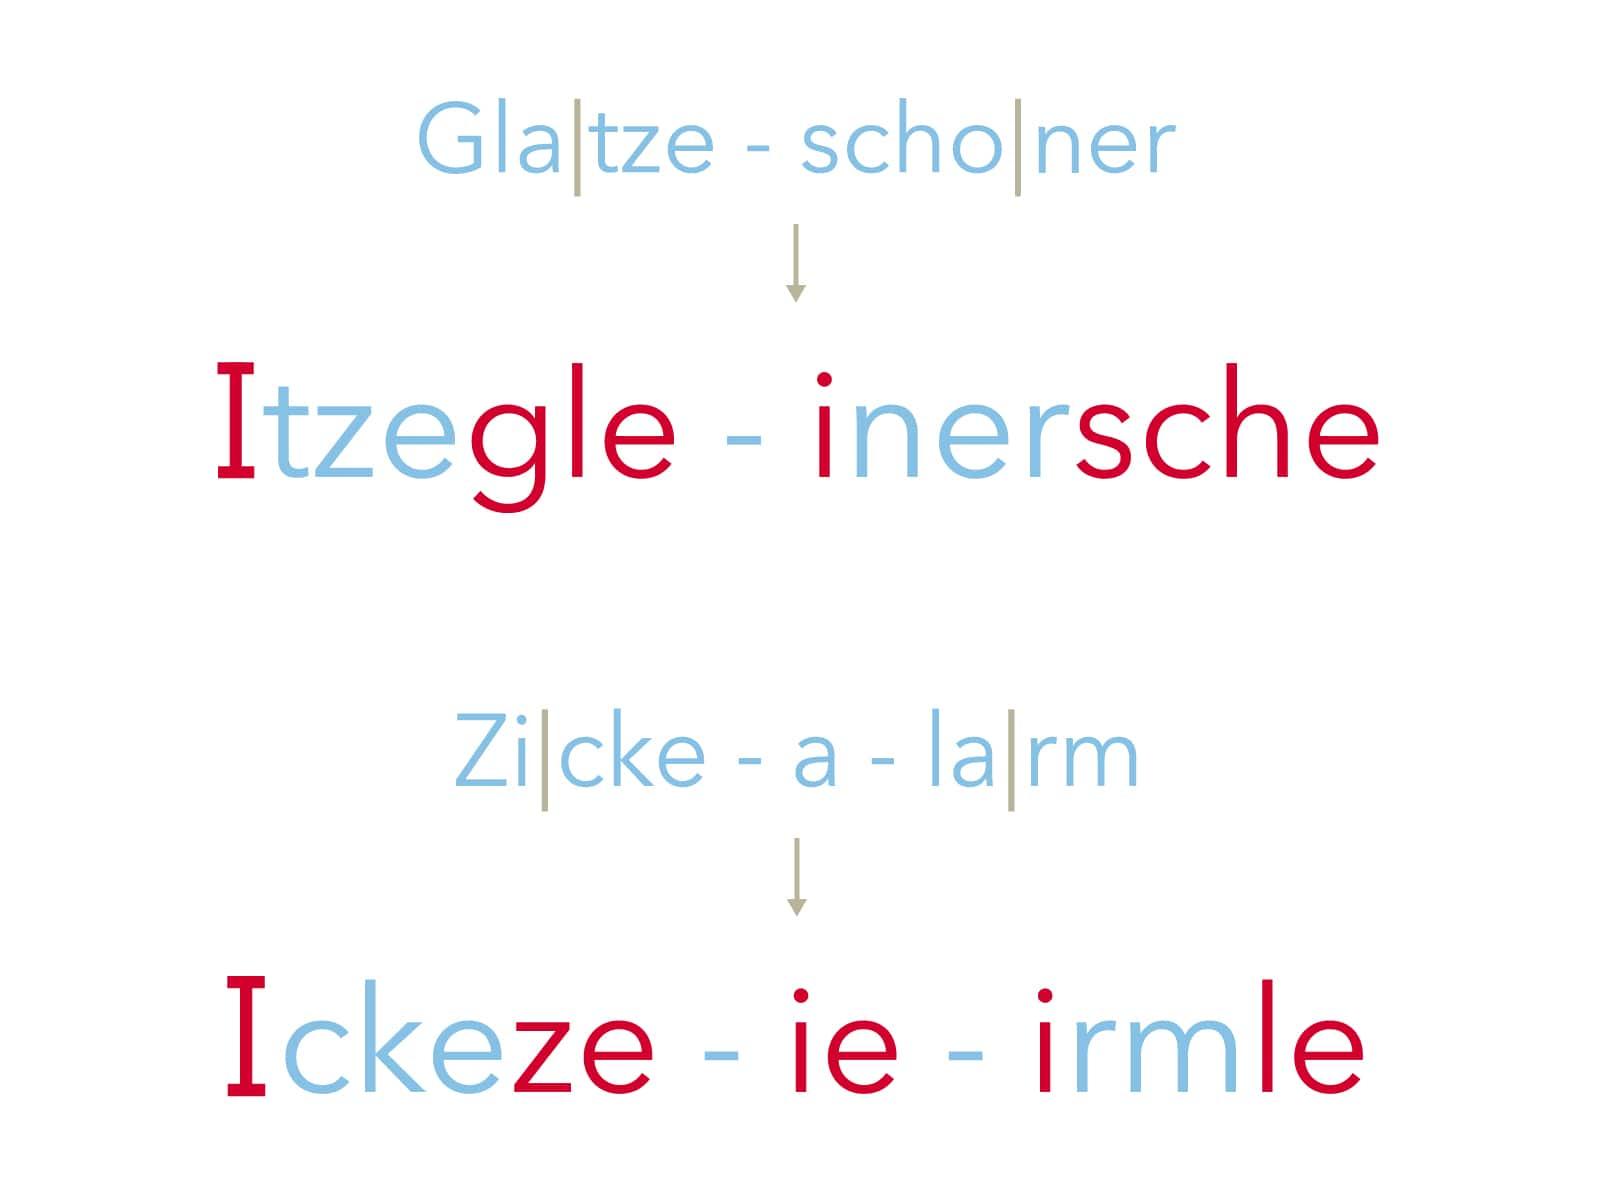 Matteänglisch: Glatzeschoner & Zickealarm